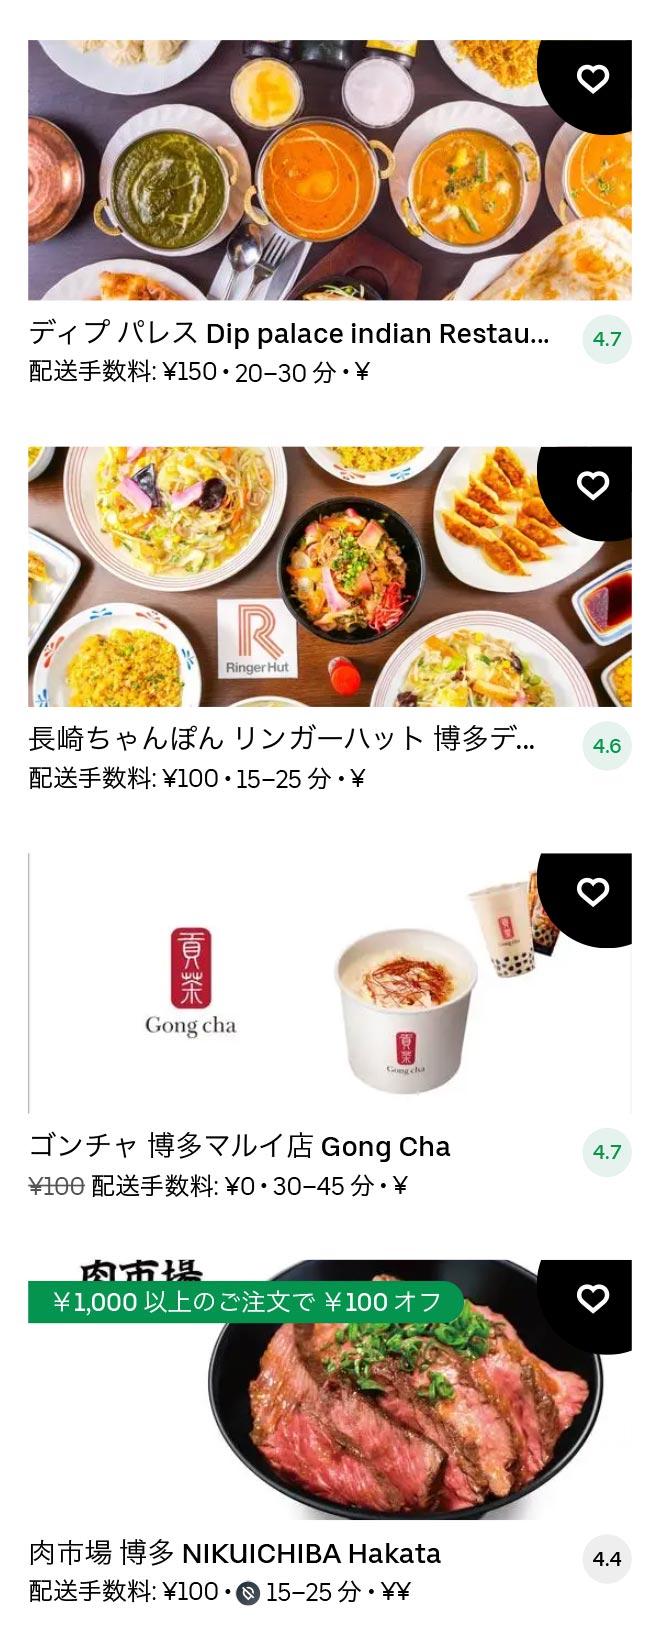 Higashi hie menu 2101 04